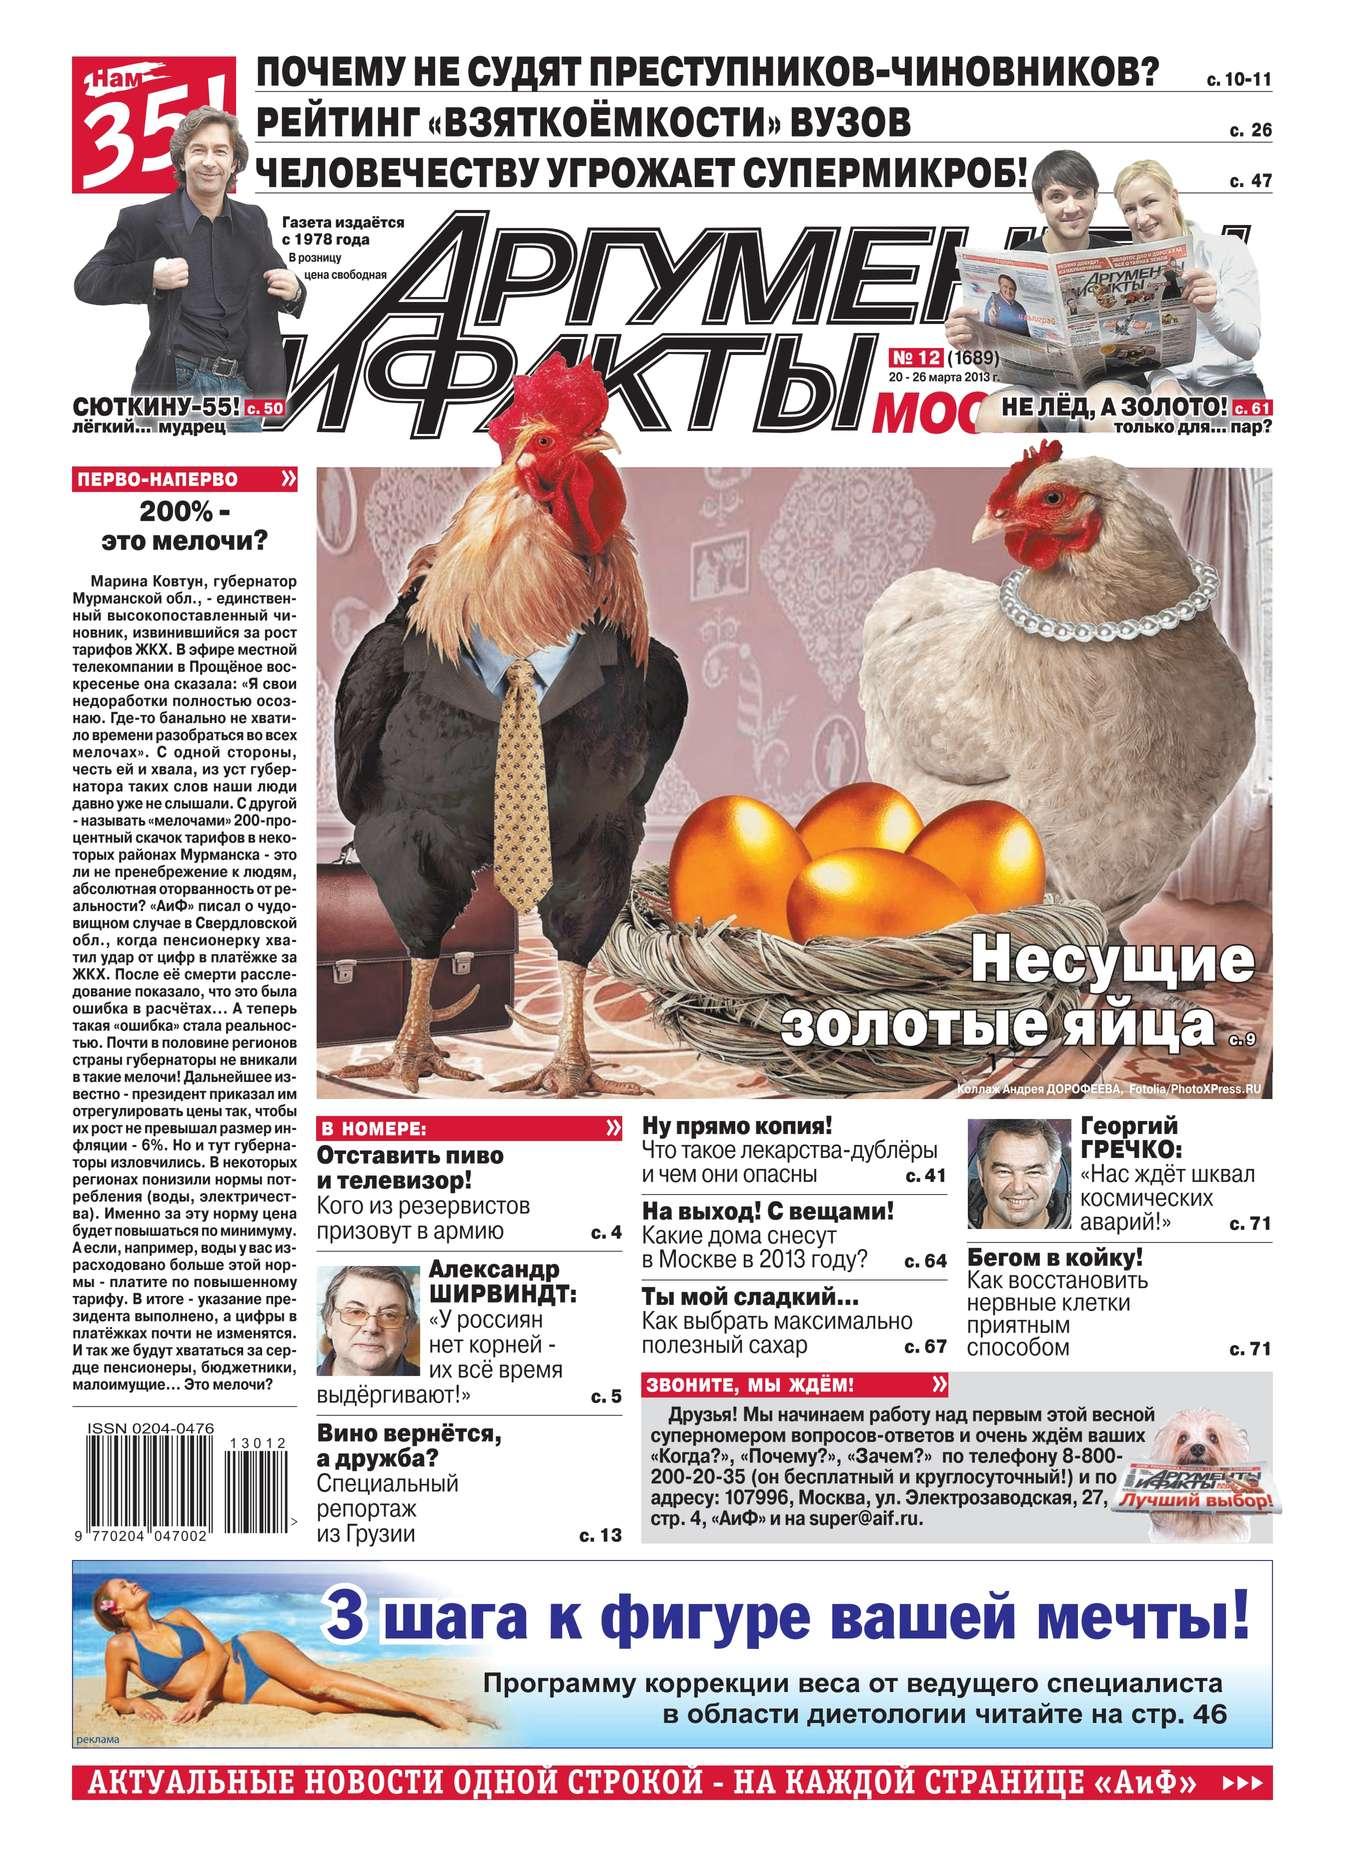 Редакция журнала Аиф. Про Кухню Аргументы и факты 12-2013